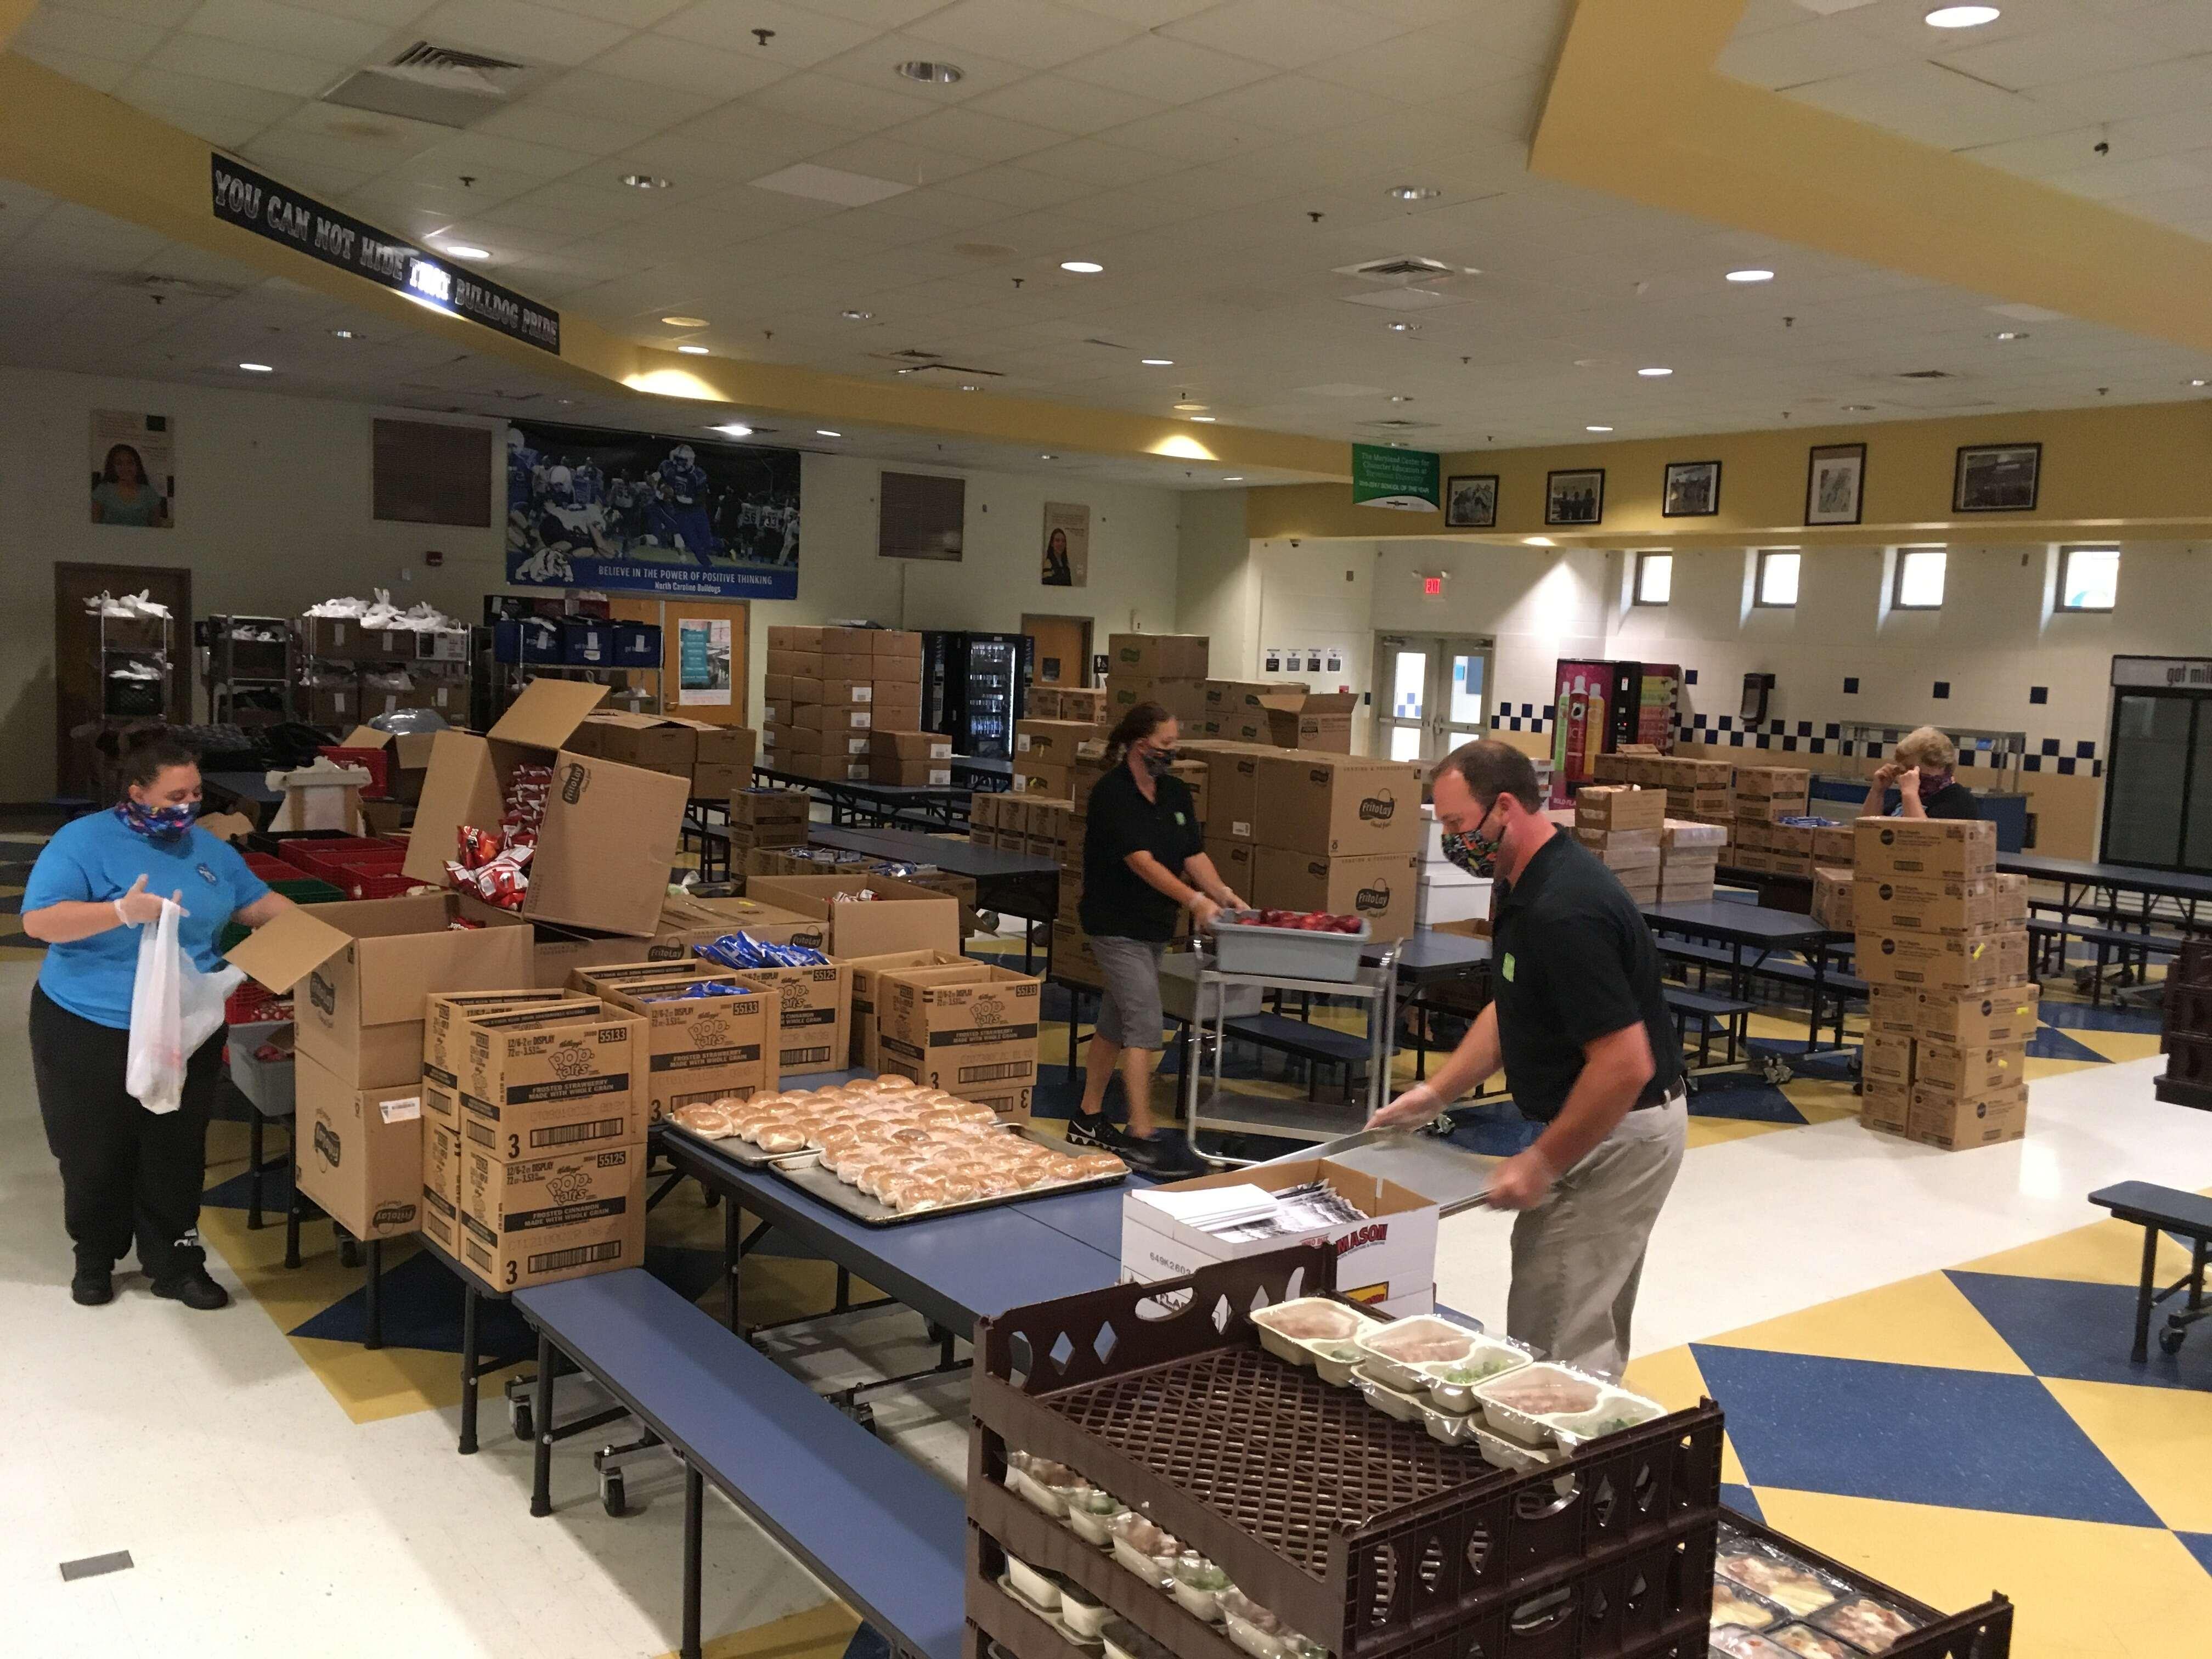 Delivering Food